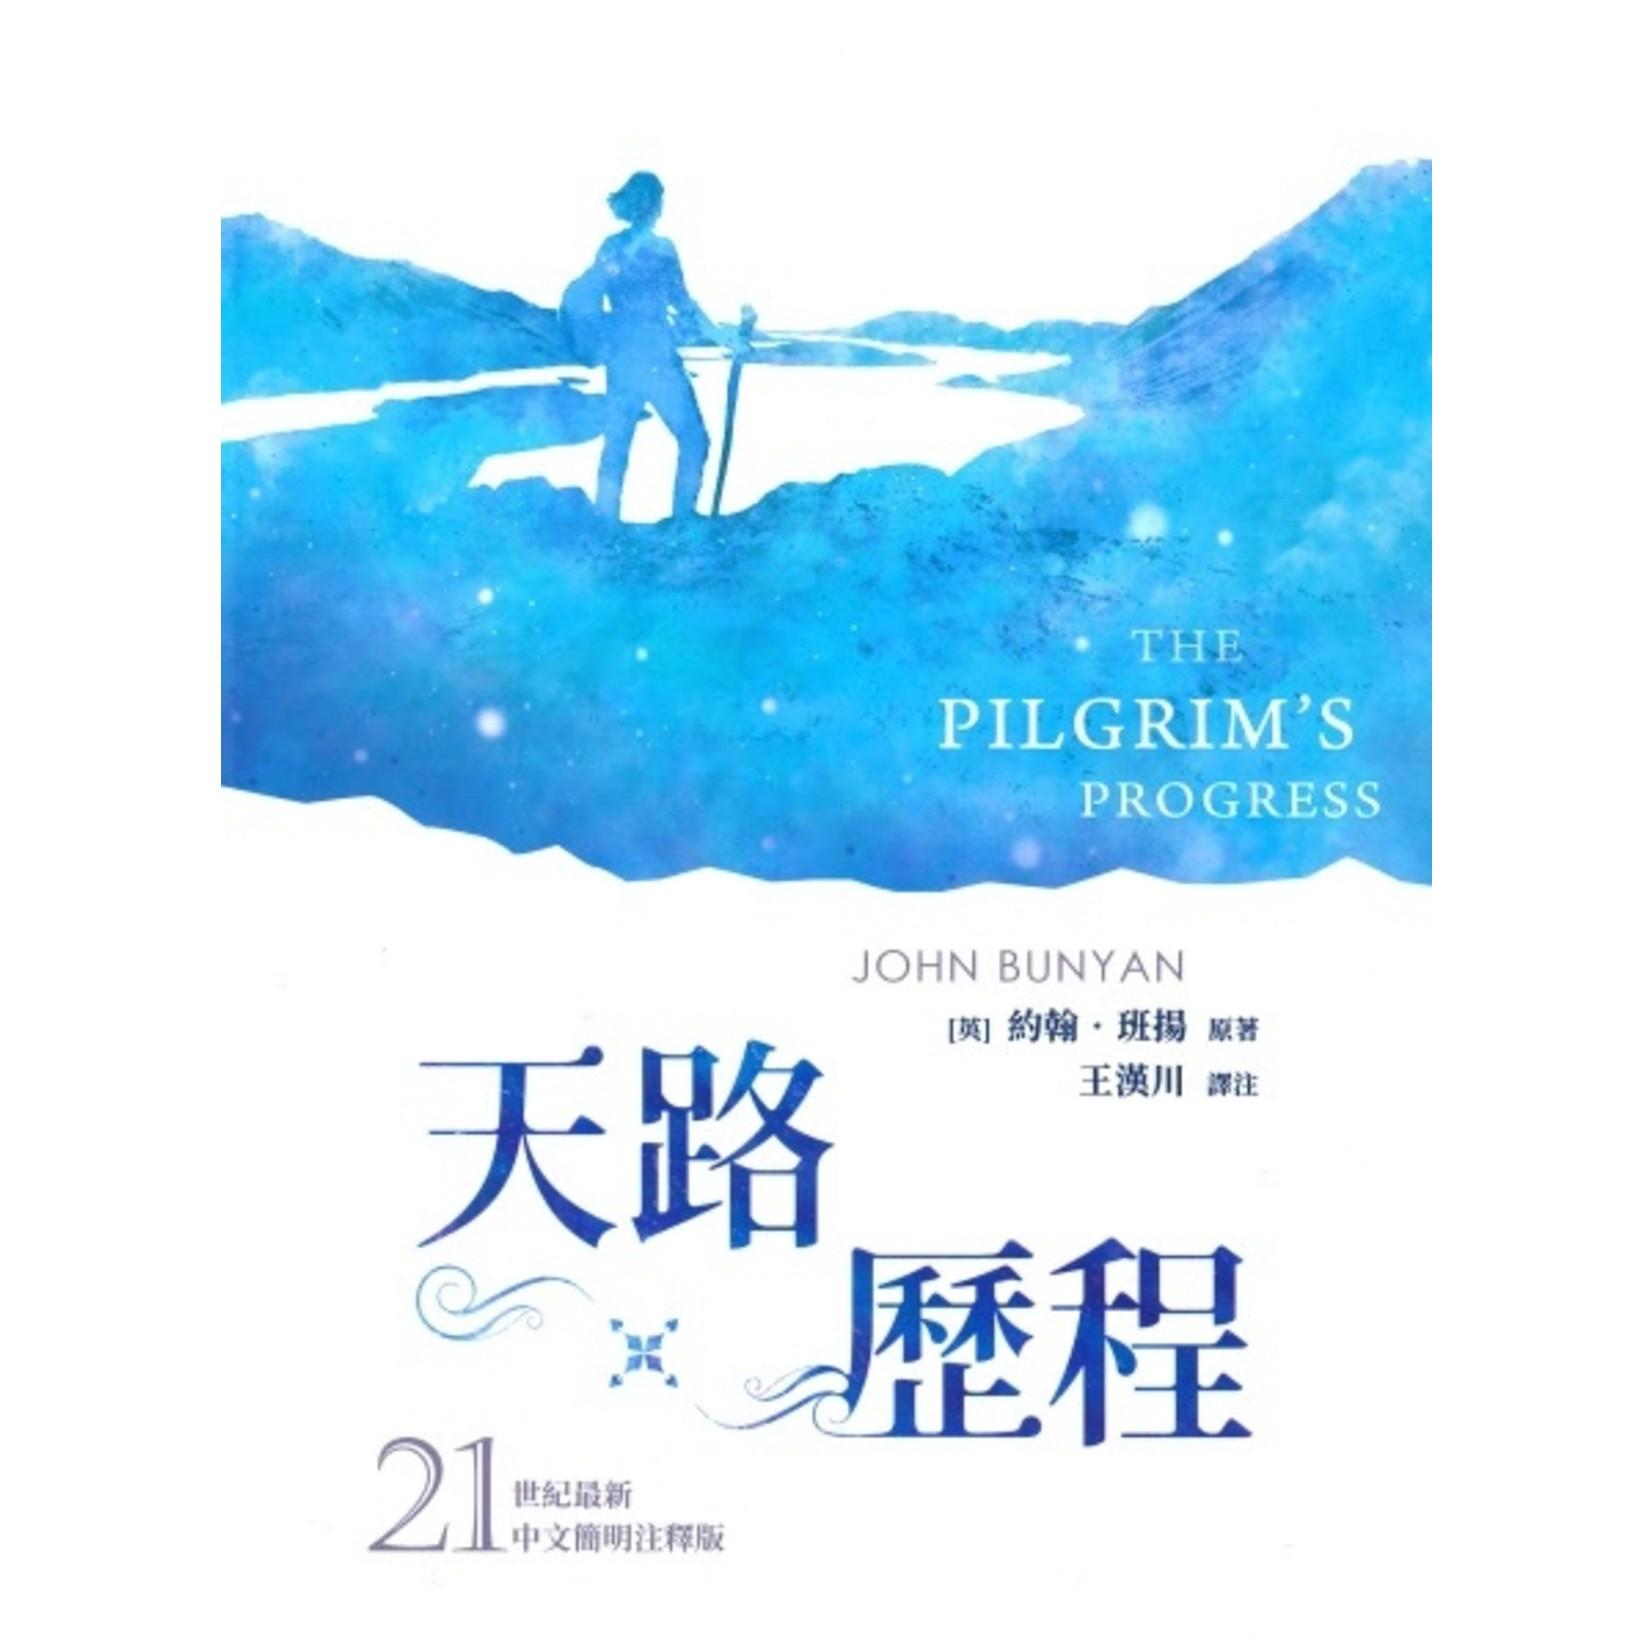 基督使者協會 Ambassadors for Christ 天路歷程(21世紀最新中文簡明注釋版)(繁體) The Pilgrim's Progress